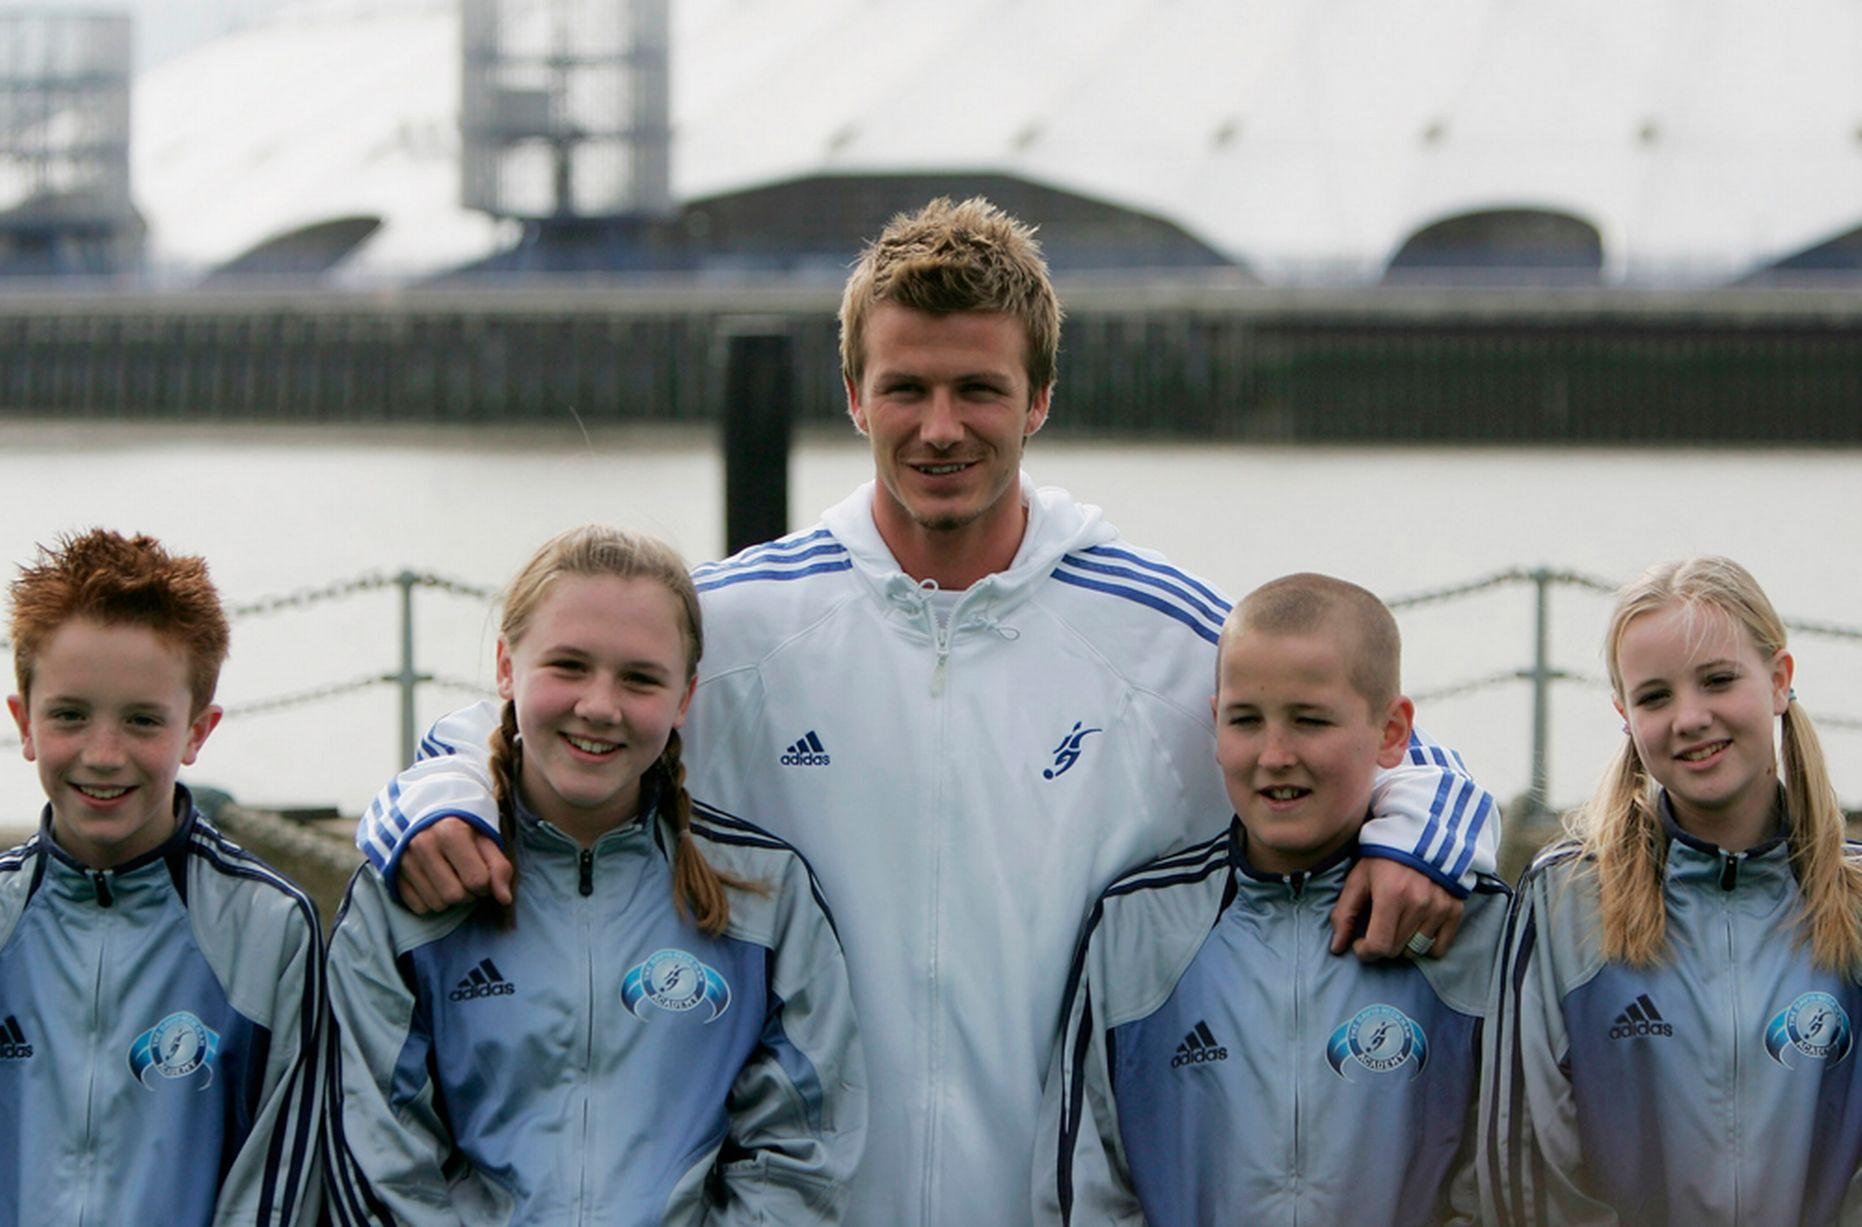 2005-ին Բեքհեմը լուսանկարվել է 11-ամյա Քեյնի հետ. նրանց կողքին Հարիի ապագա կինն է